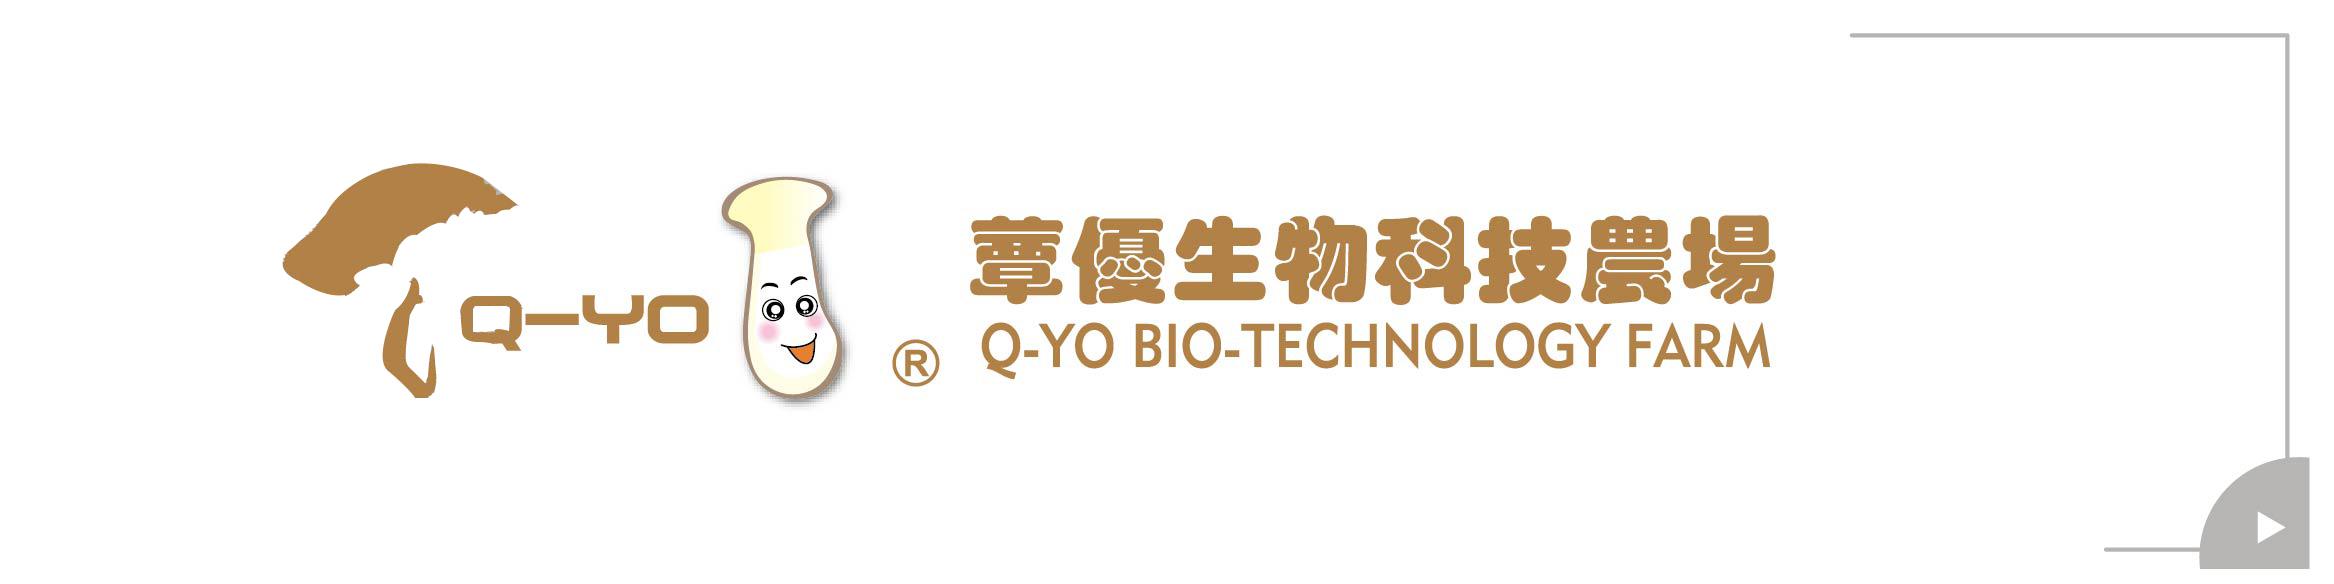 蕈優生物科技